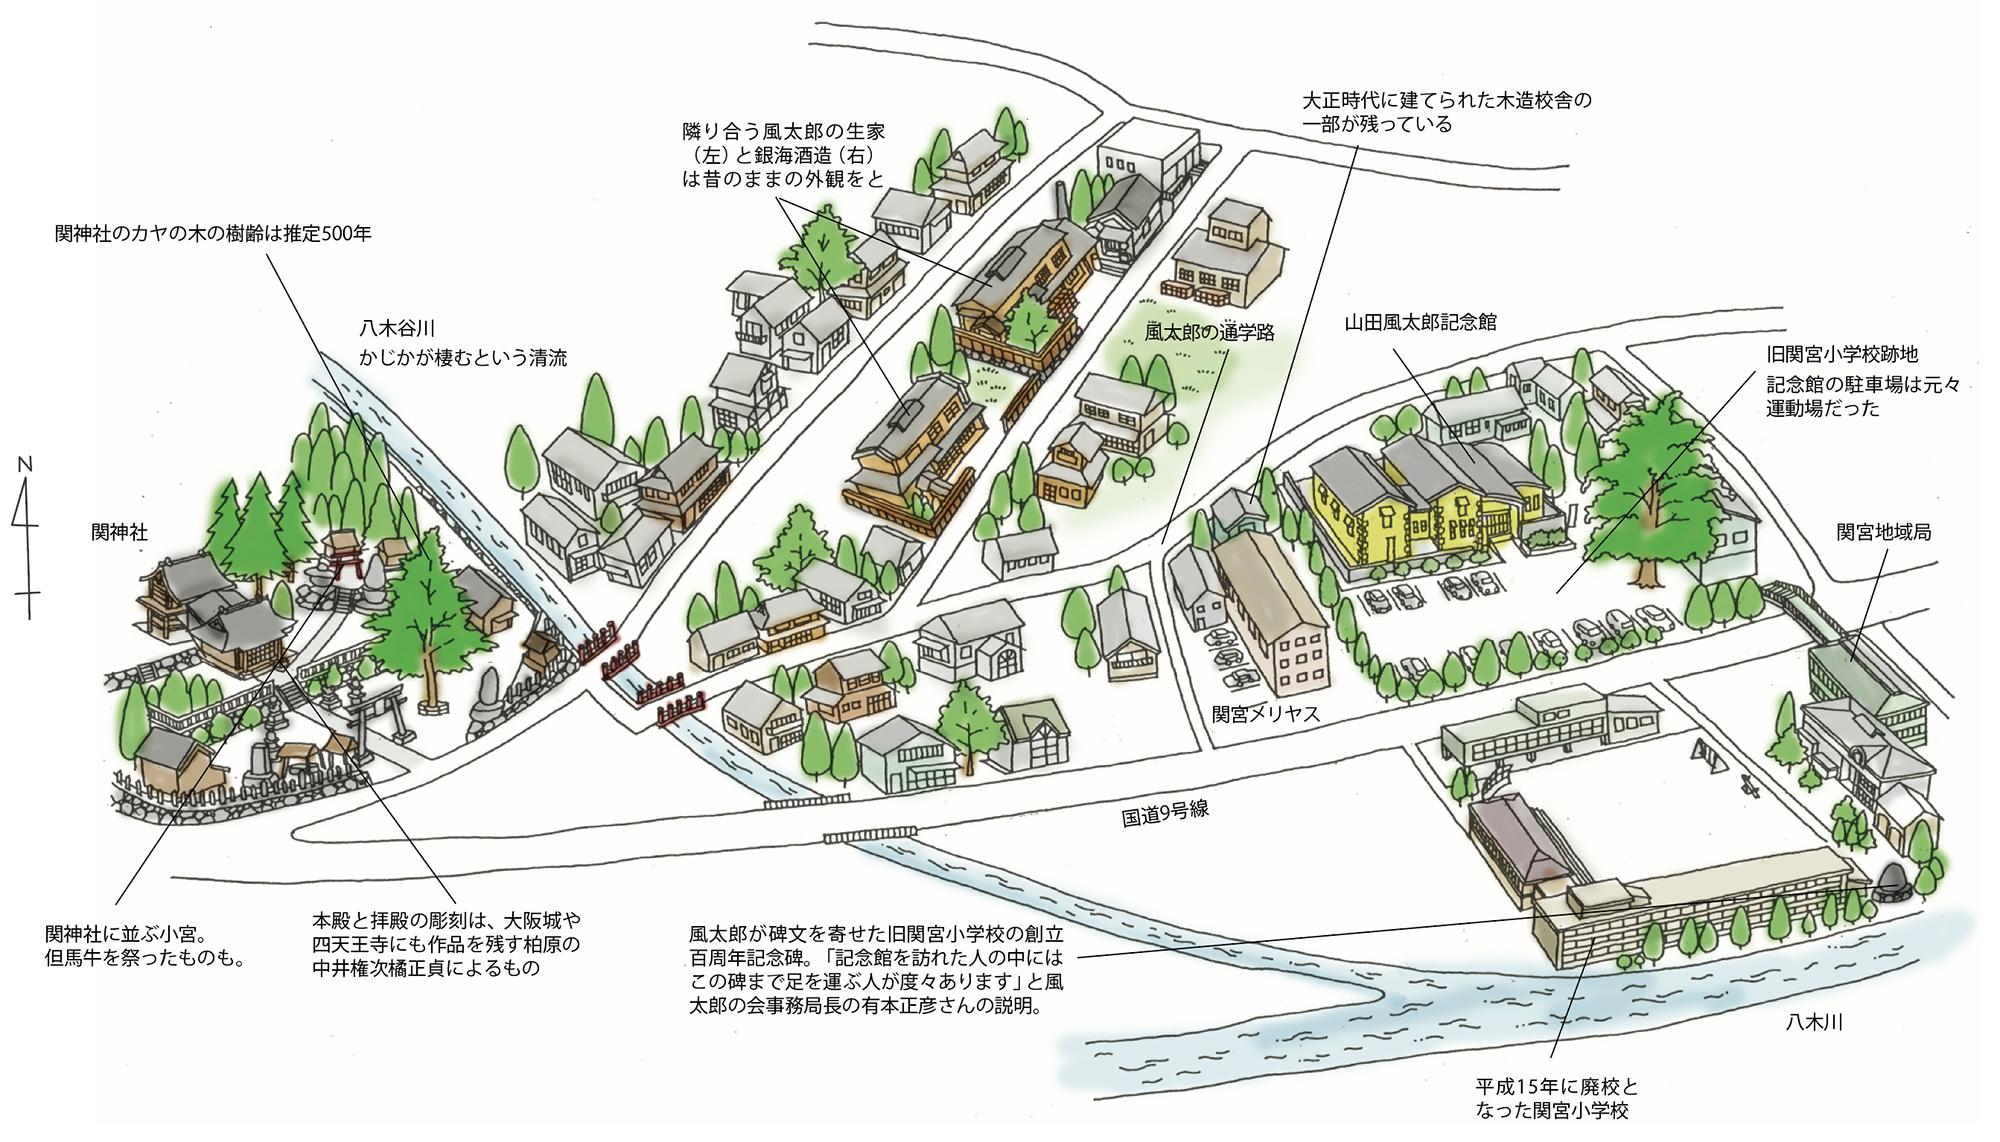 山田風太郎の故郷を歩く<養父市関宮>(Vol.60/2006年10月発行)